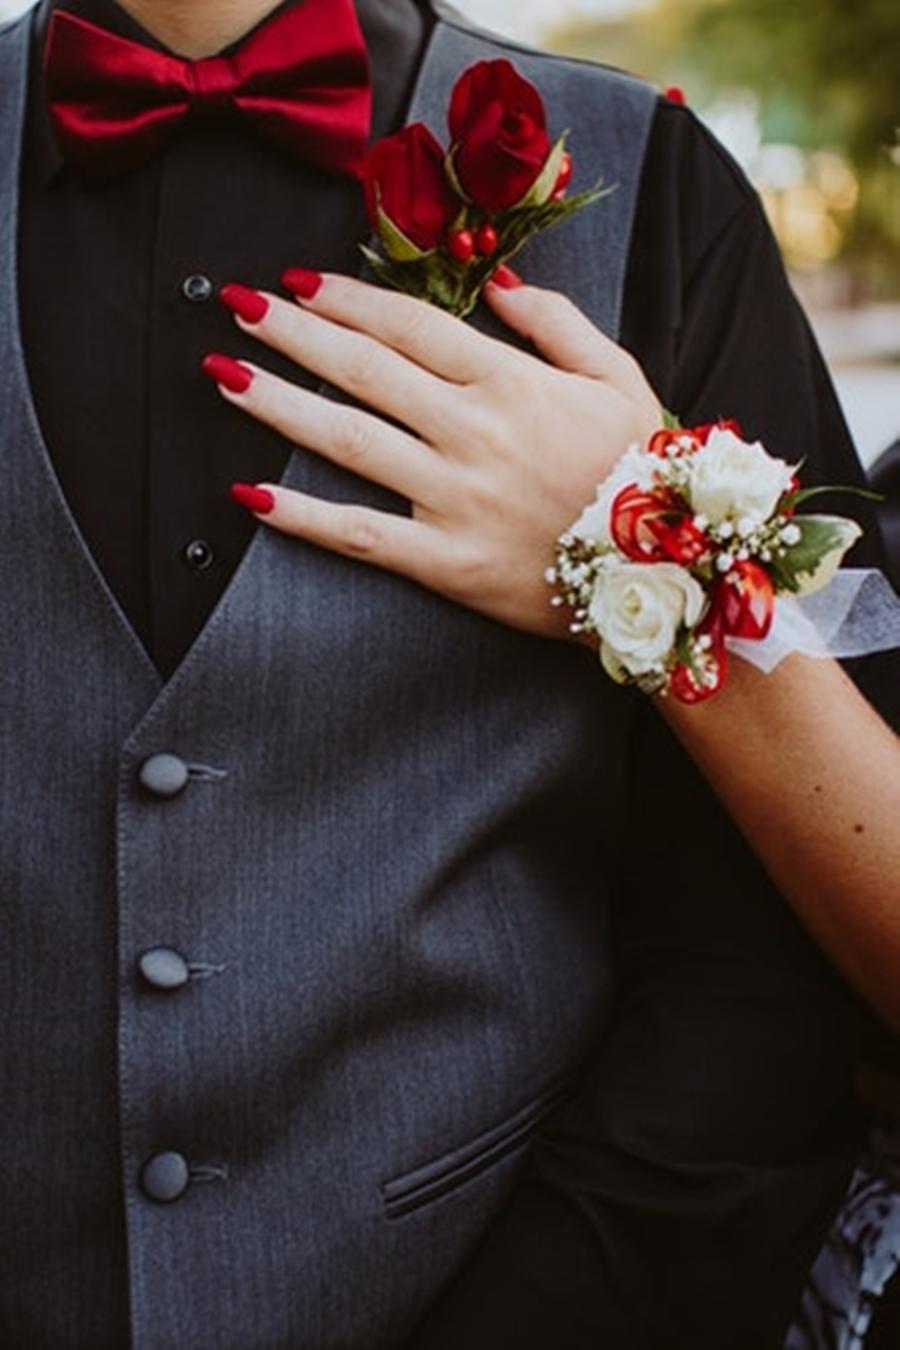 Roupa do noivo para casamento vermelho e branco